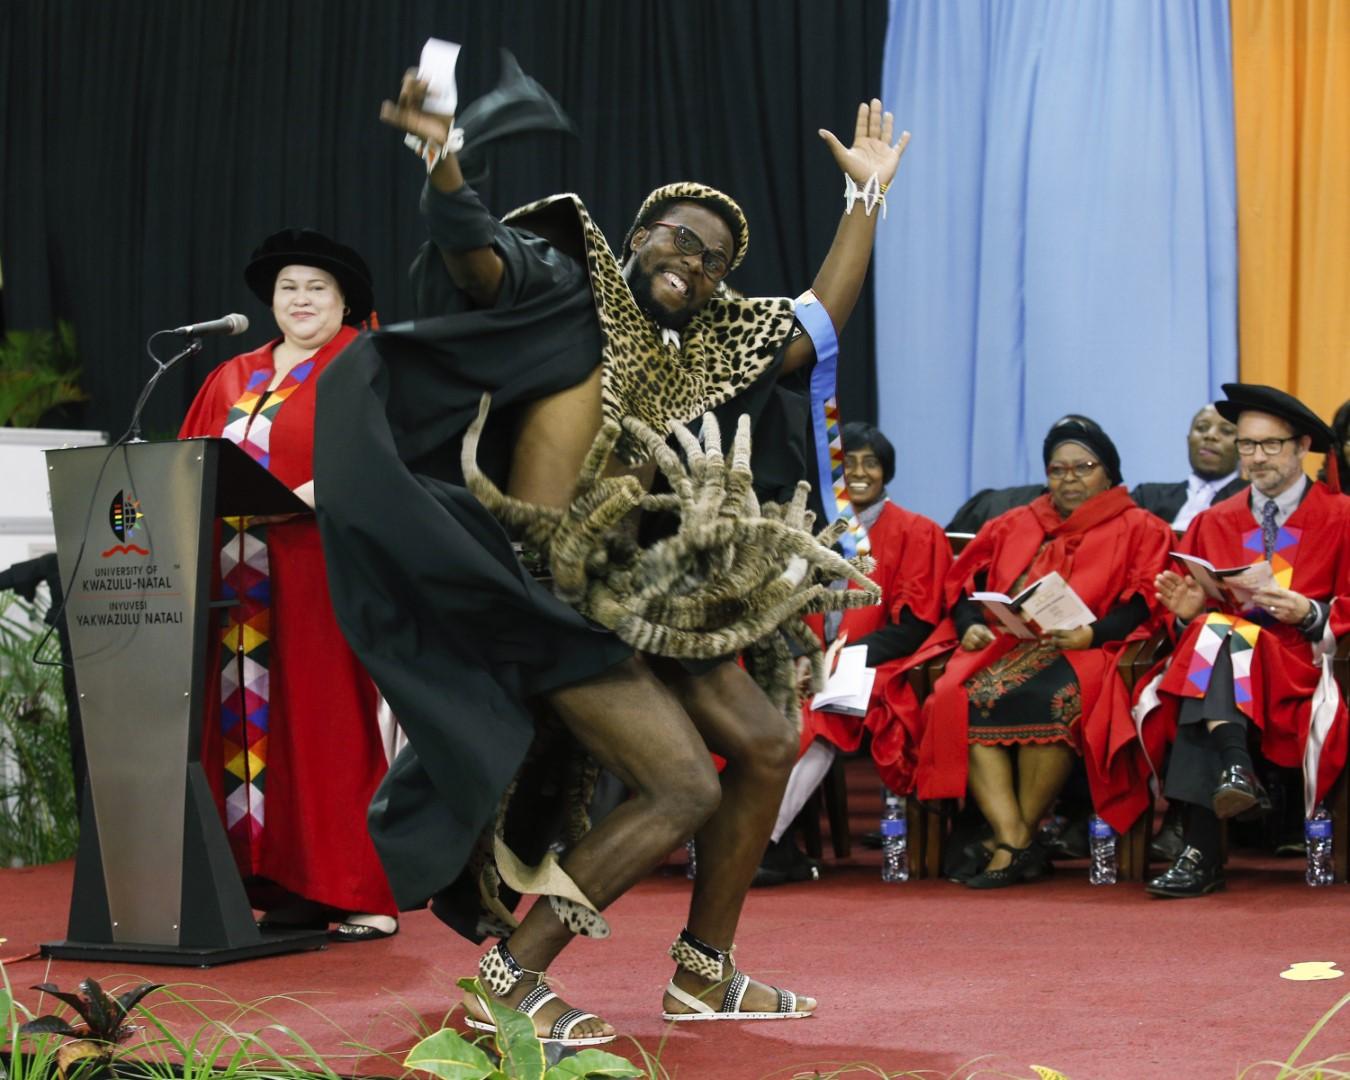 Proud Zulu student graduates